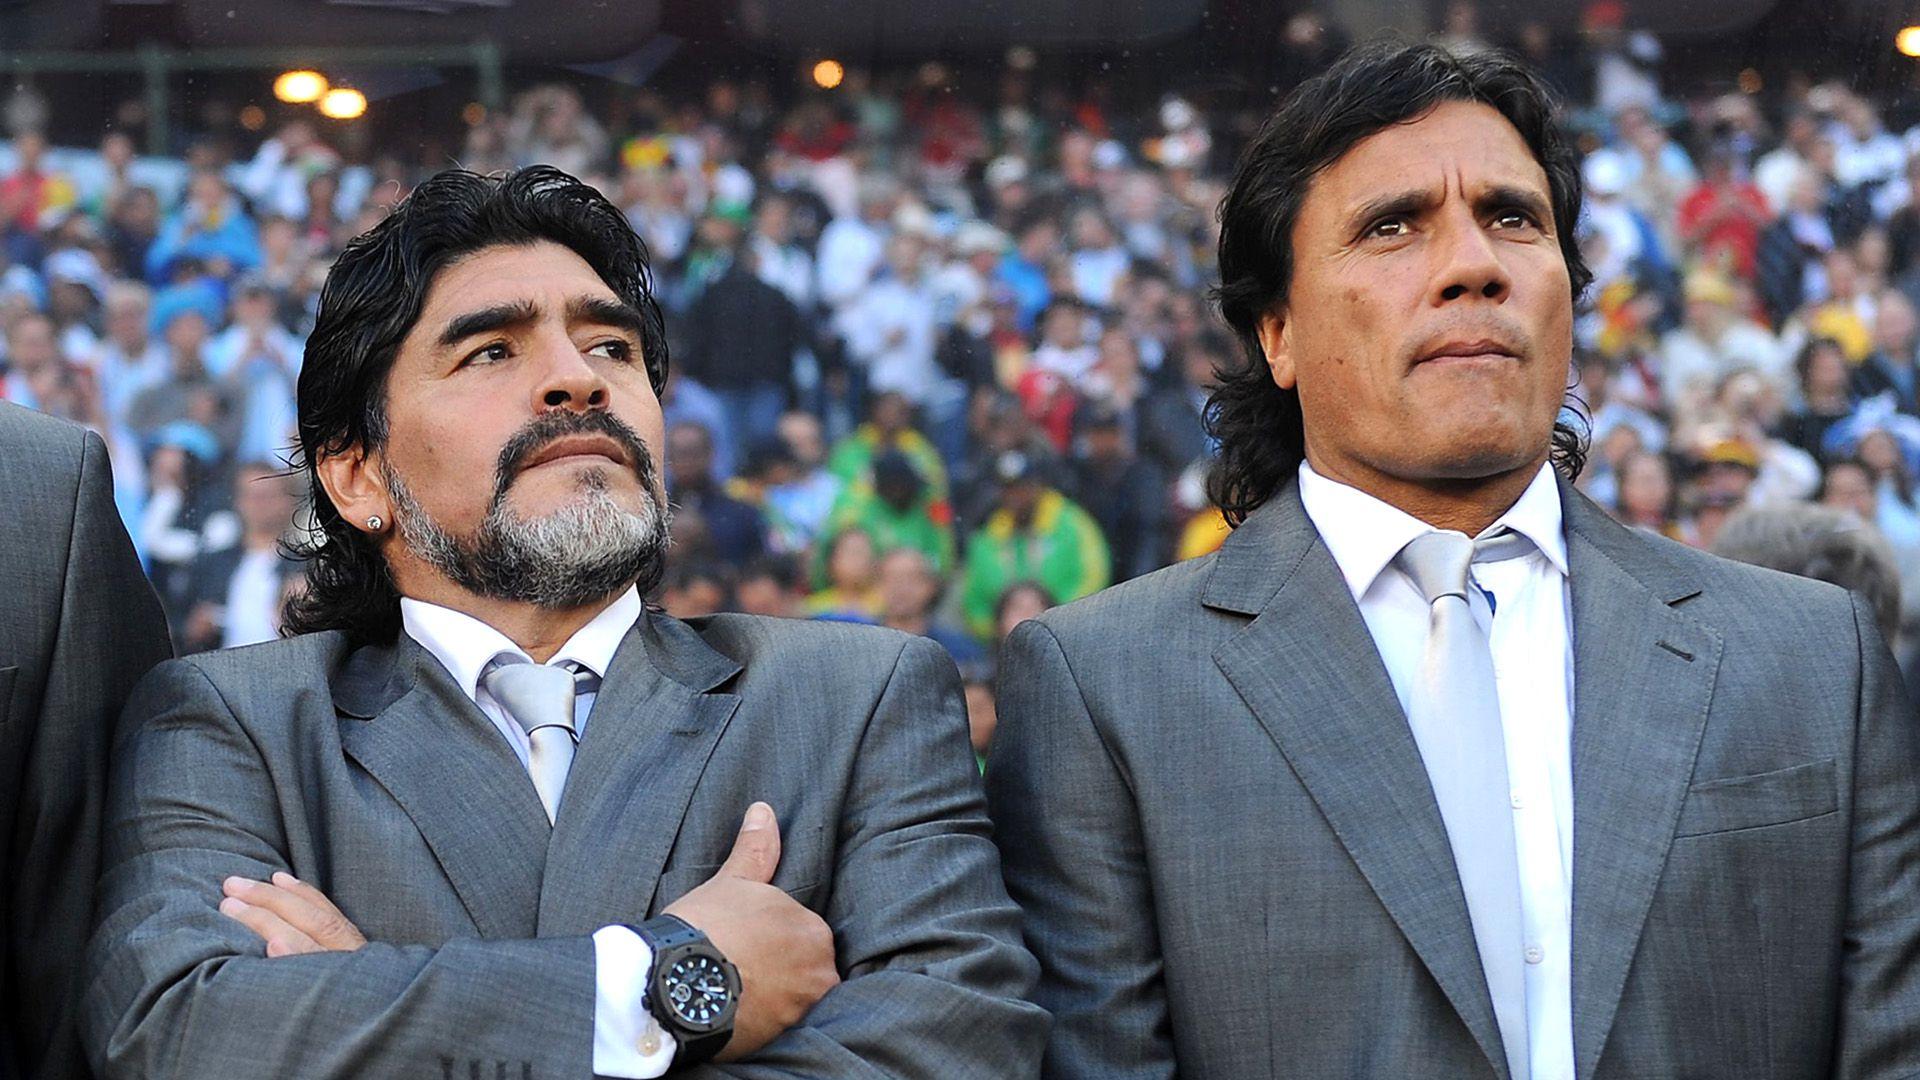 """El Negro Enrique apuntó contra el entorno de Maradona: """"La gente que hizo eso me da pena"""" Foto Shutterstock"""